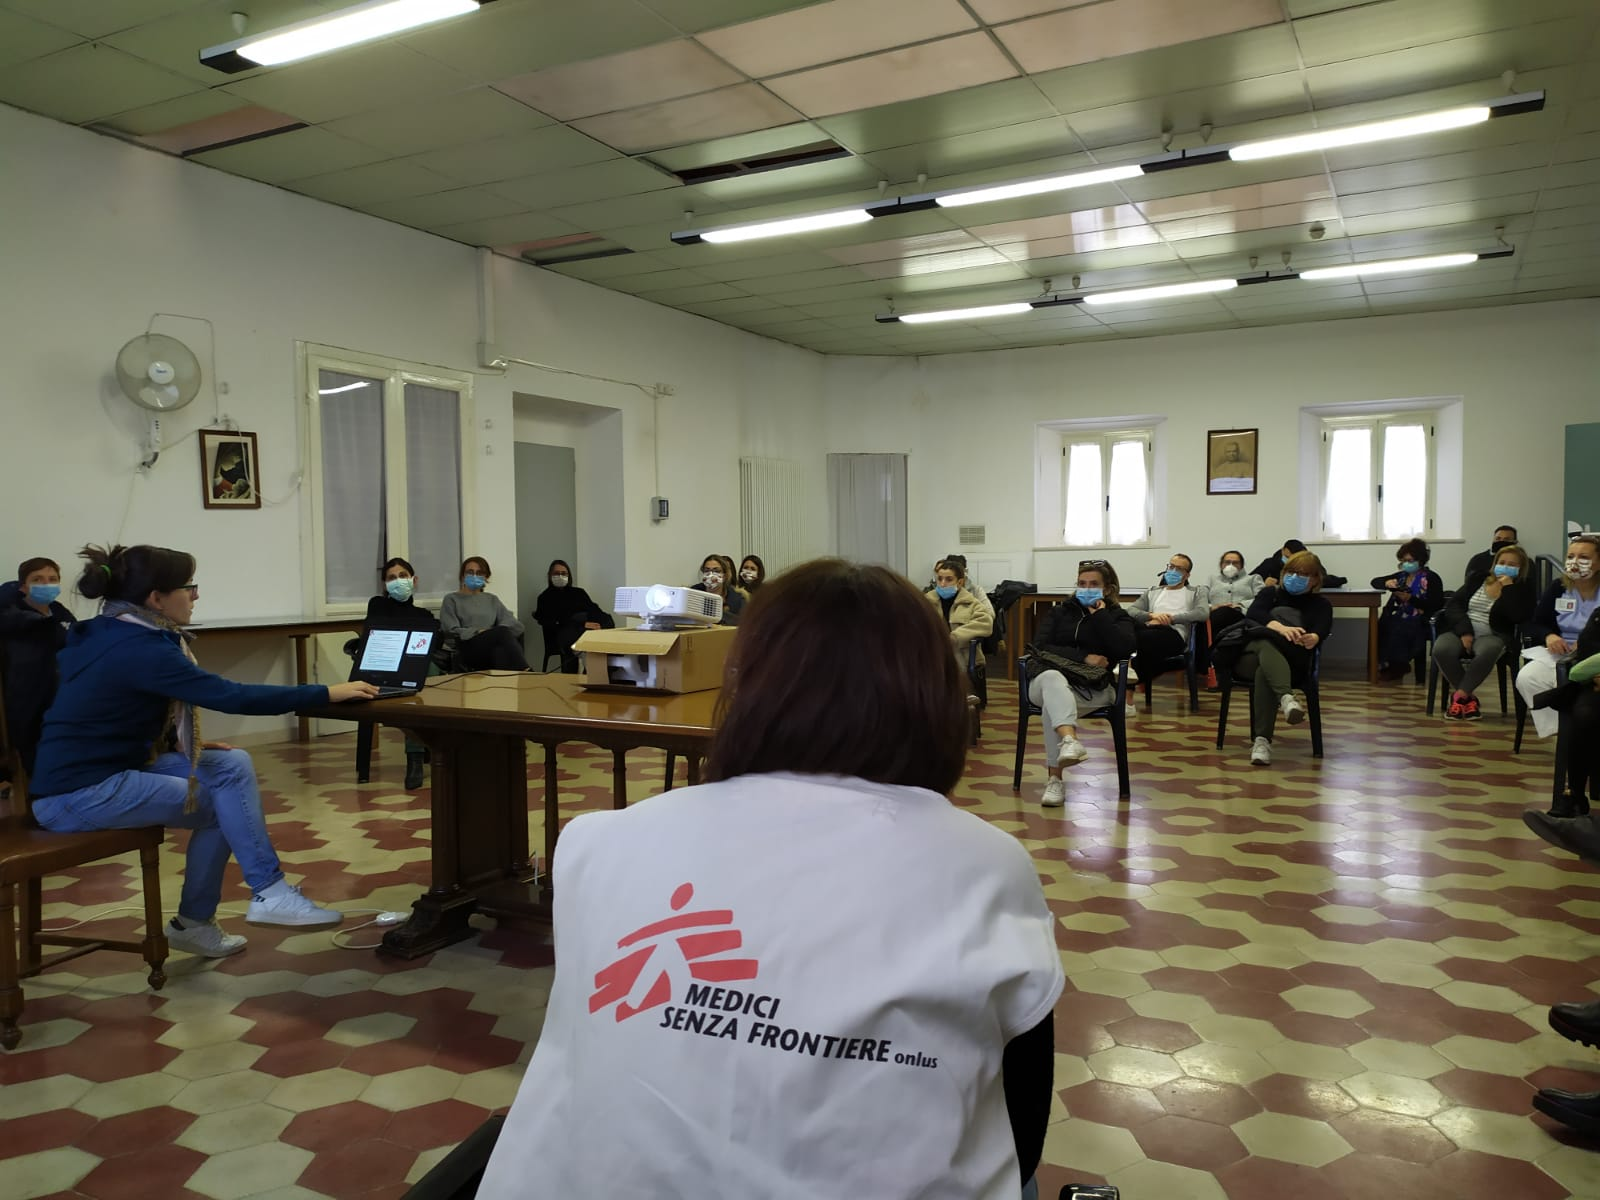 L'intervento di MSF nelle Marche